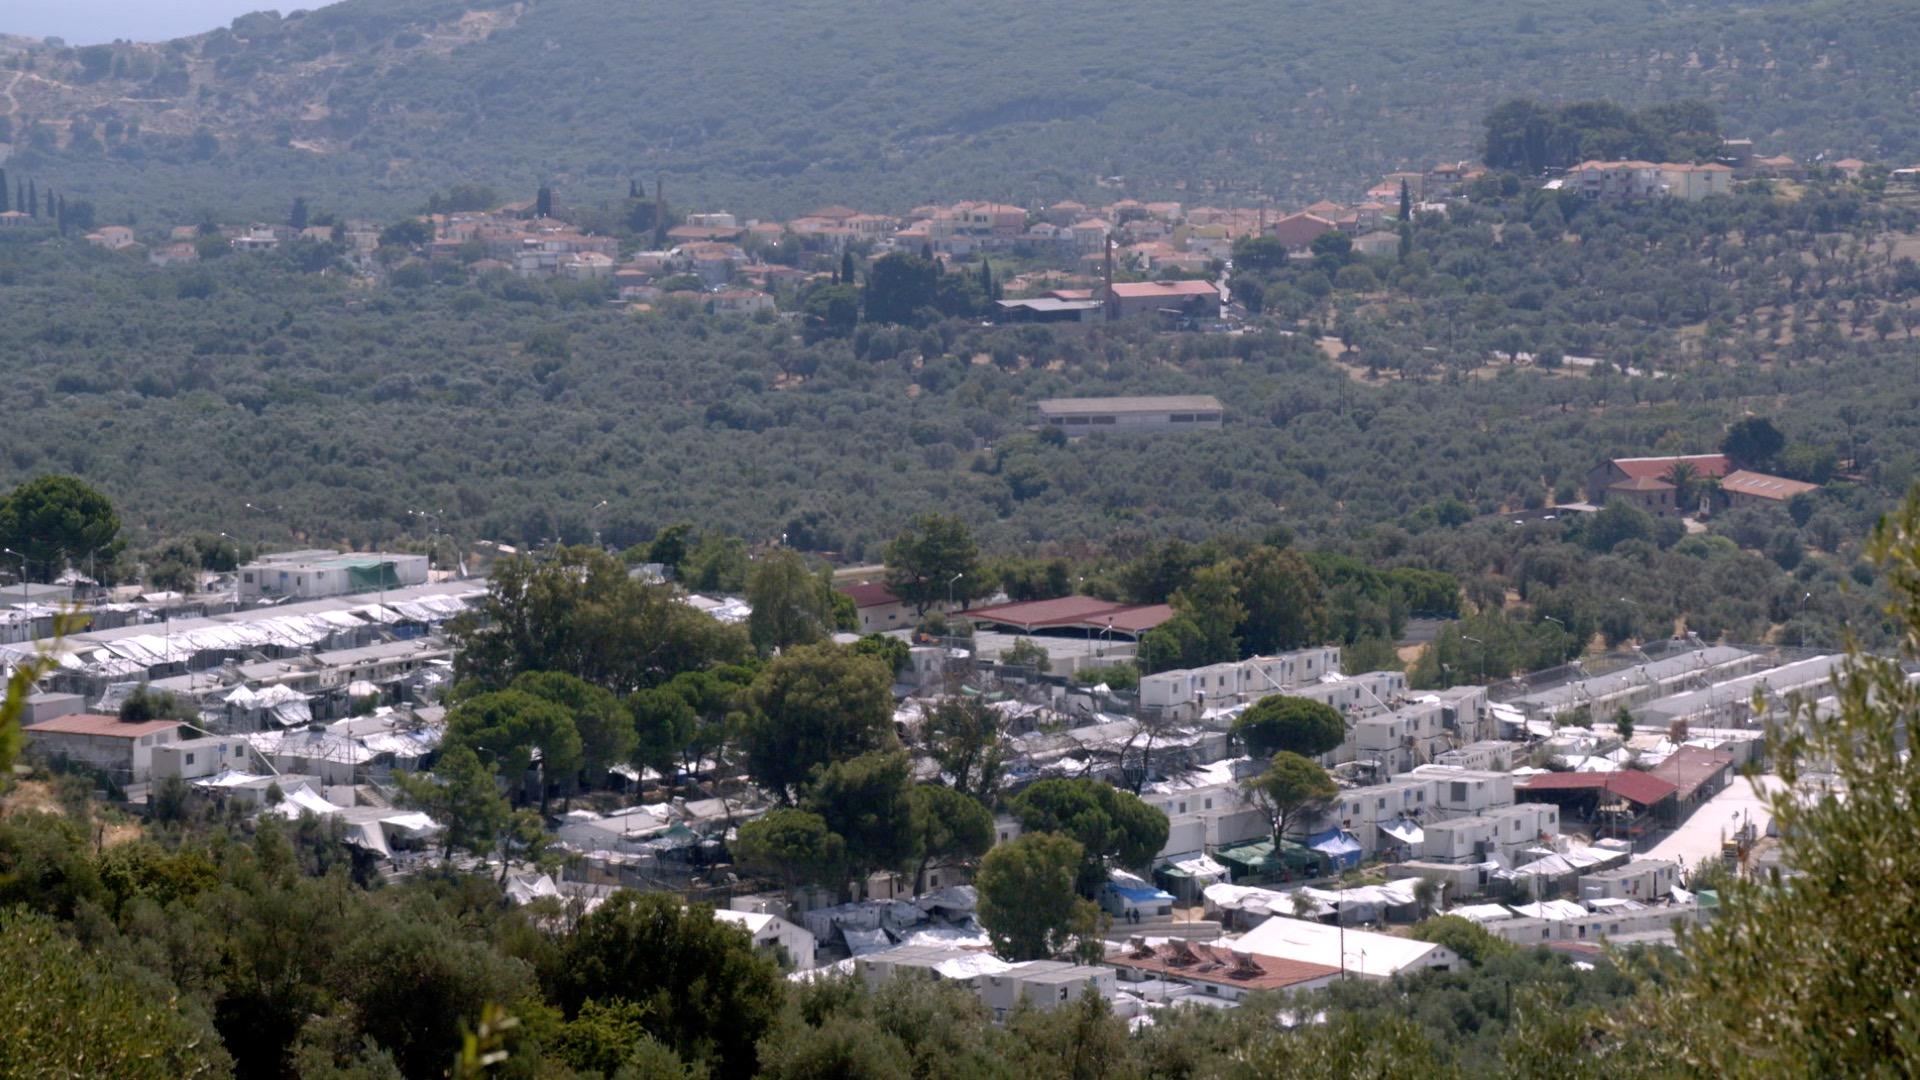 El documental 'Lesbos. Una illa que espera' ha estat seleccionat per participar al Festival Internacional de Continguts Audiovisuals de Catalunya – ZOOM Festival, que es farà a Igualada del 24 al 29 de novembre